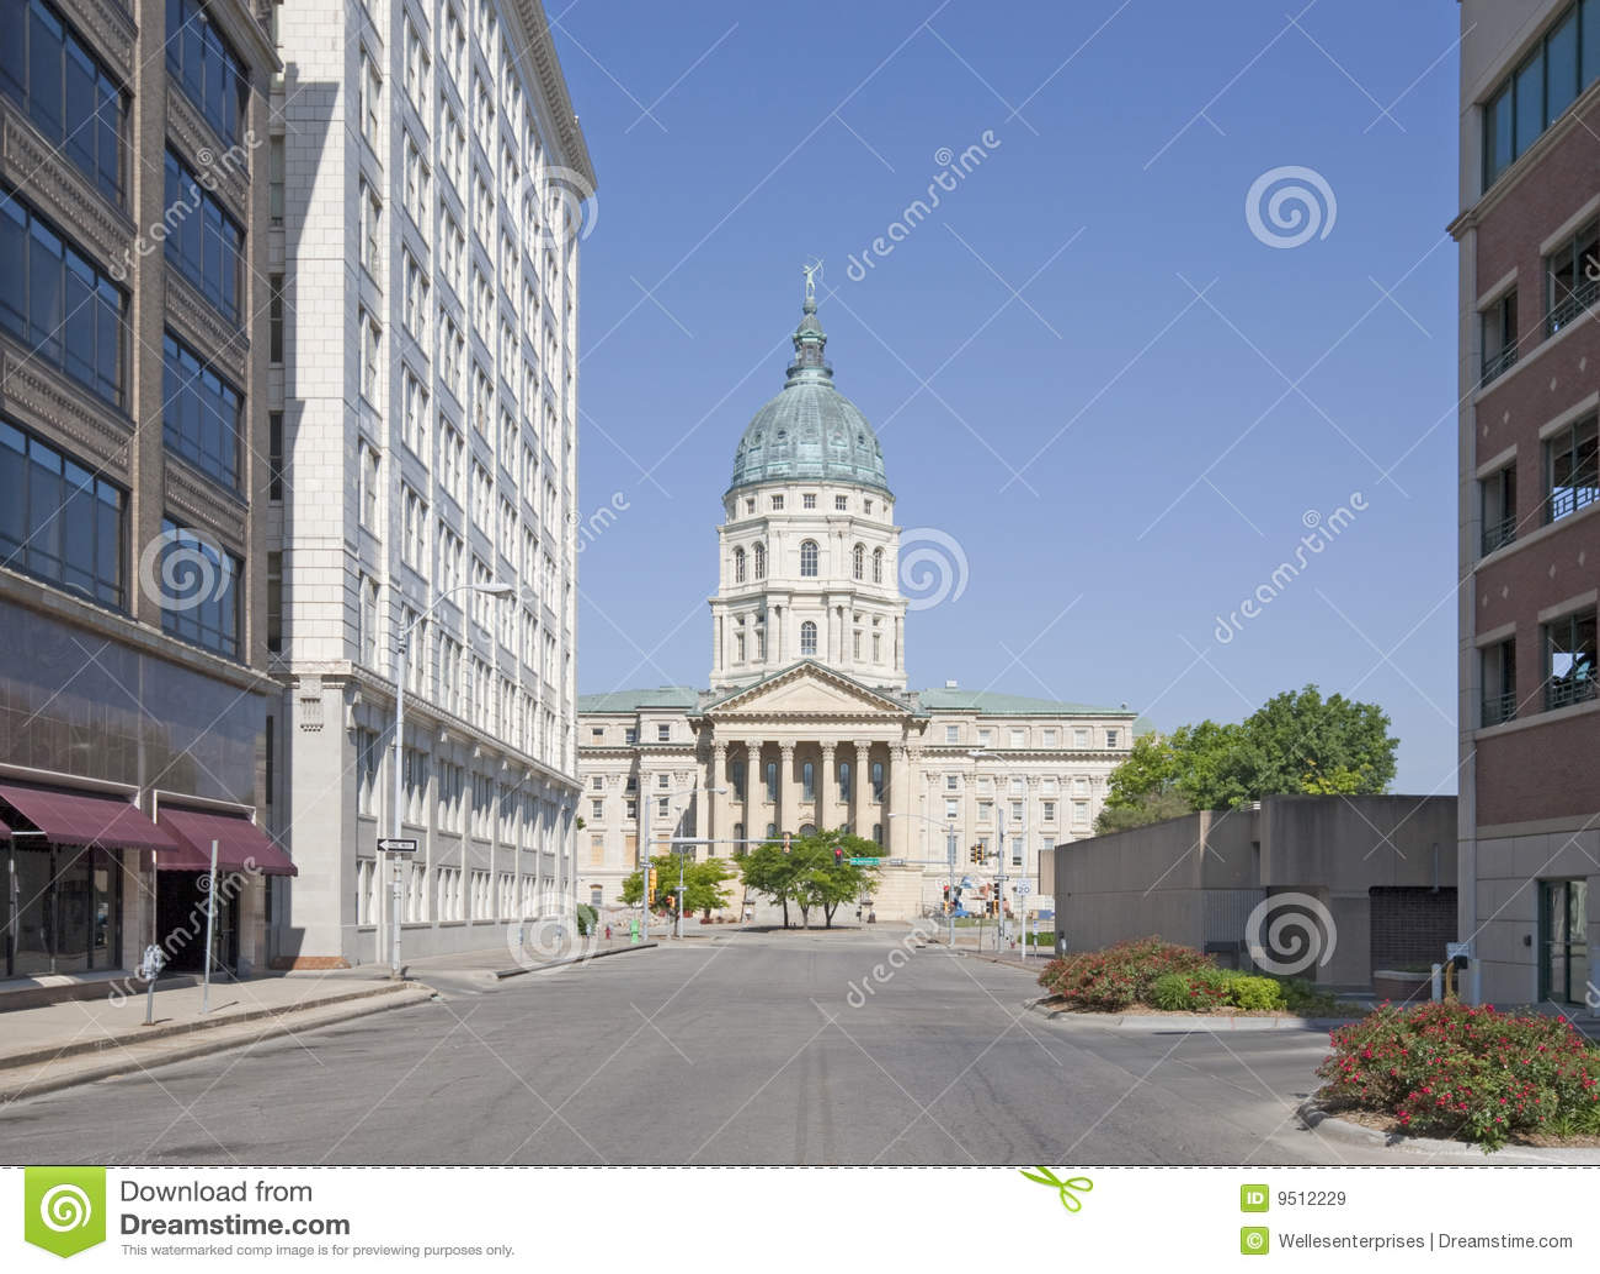 Kansas City To Topeka Travel Time